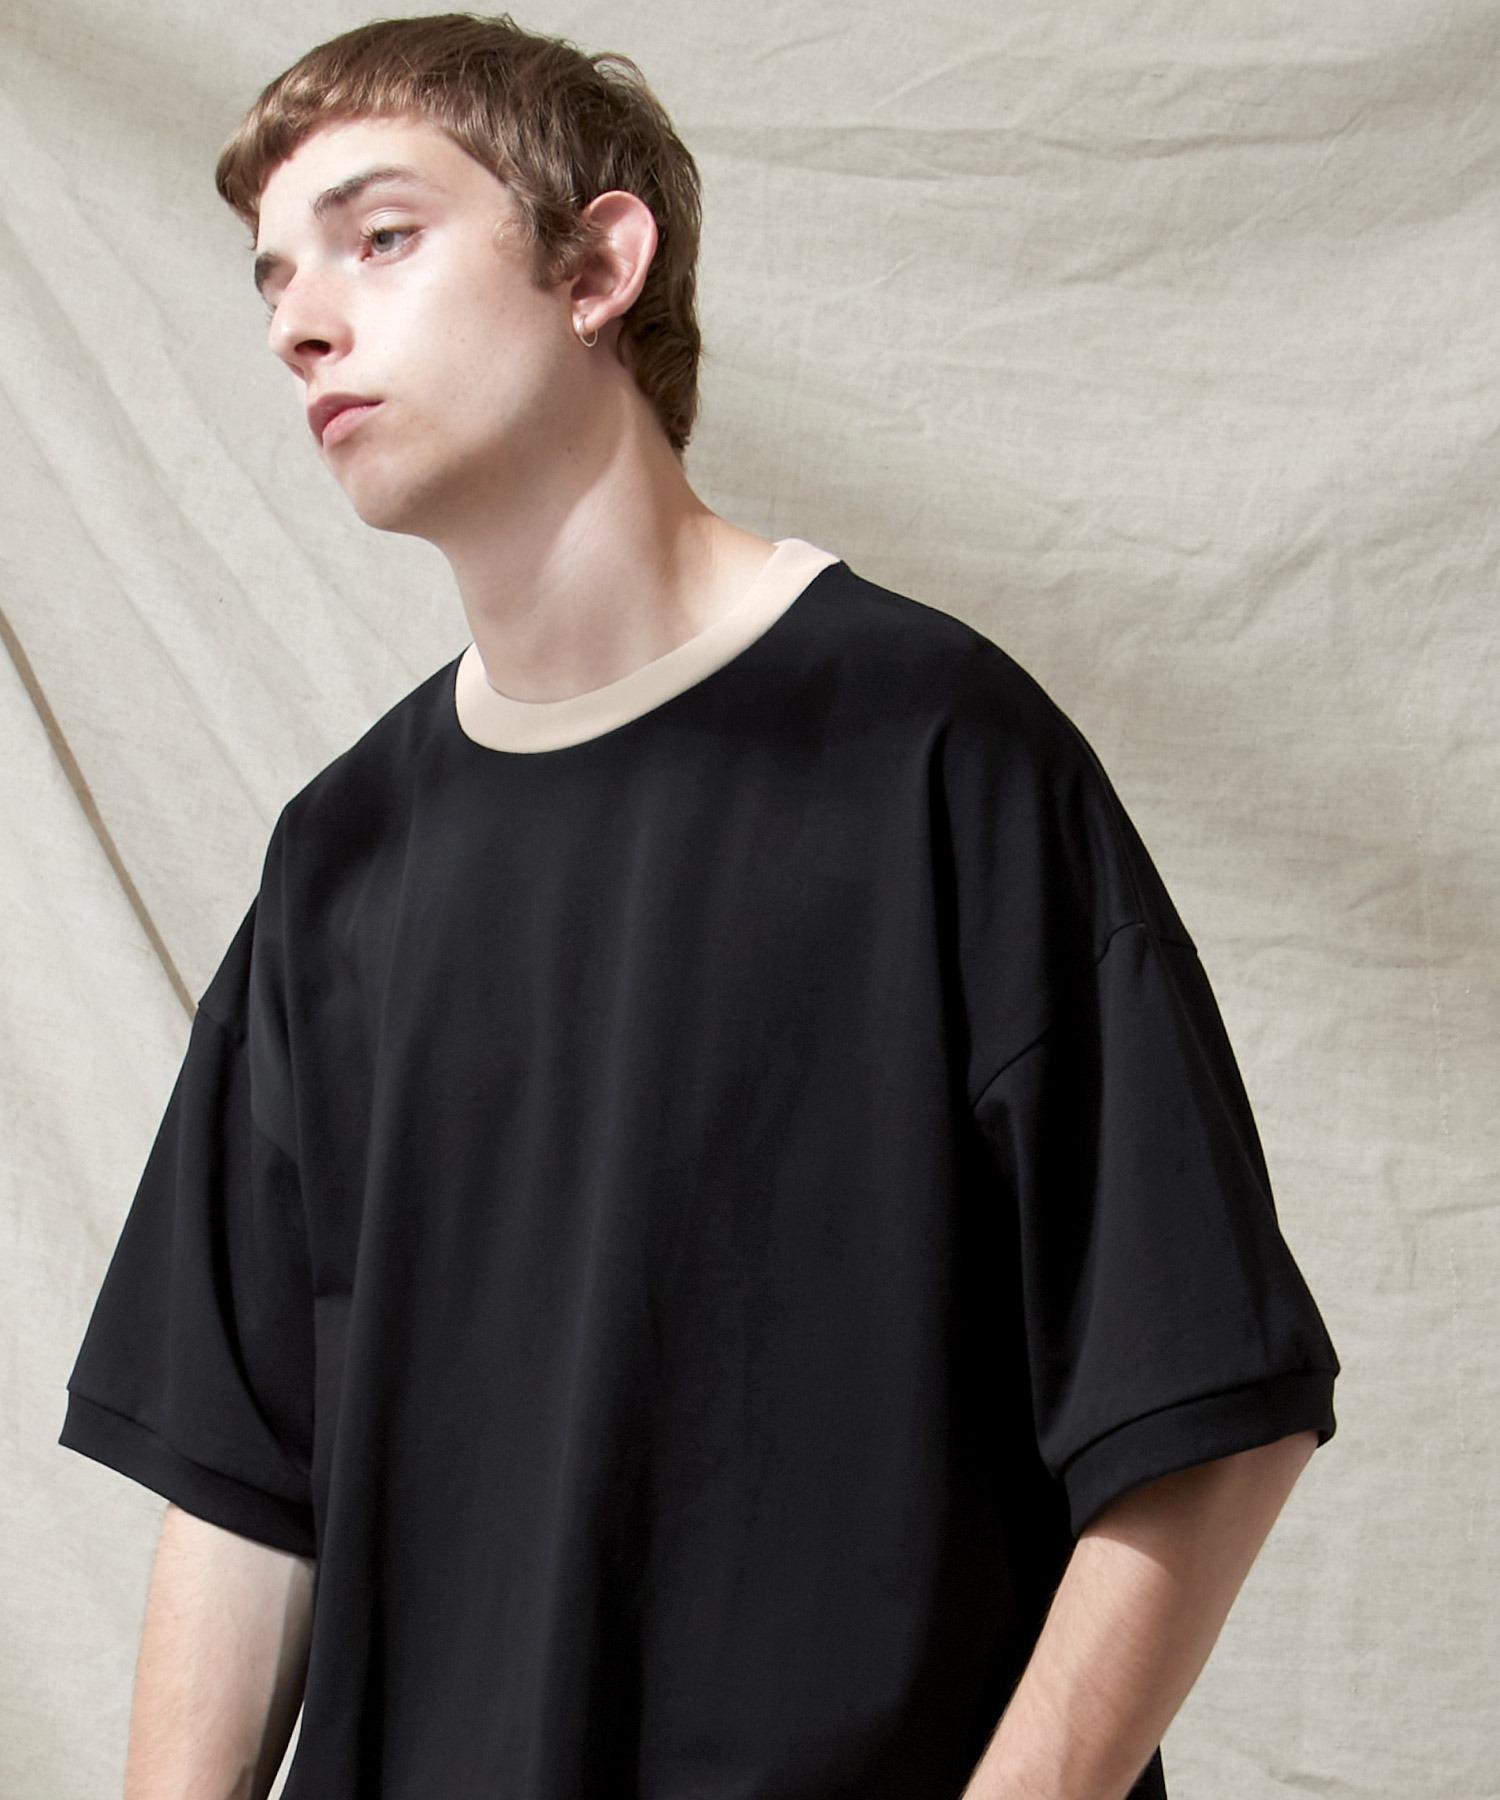 シルケットライク天竺 スーパービッグシルエットS/Sリブカットソー 無地T トップス  Tシャツ  リンガー MERCERIZATION COTTON BIG SILHOUETTE LIB SS TEE - EMMA CLOTHES 2021SS -